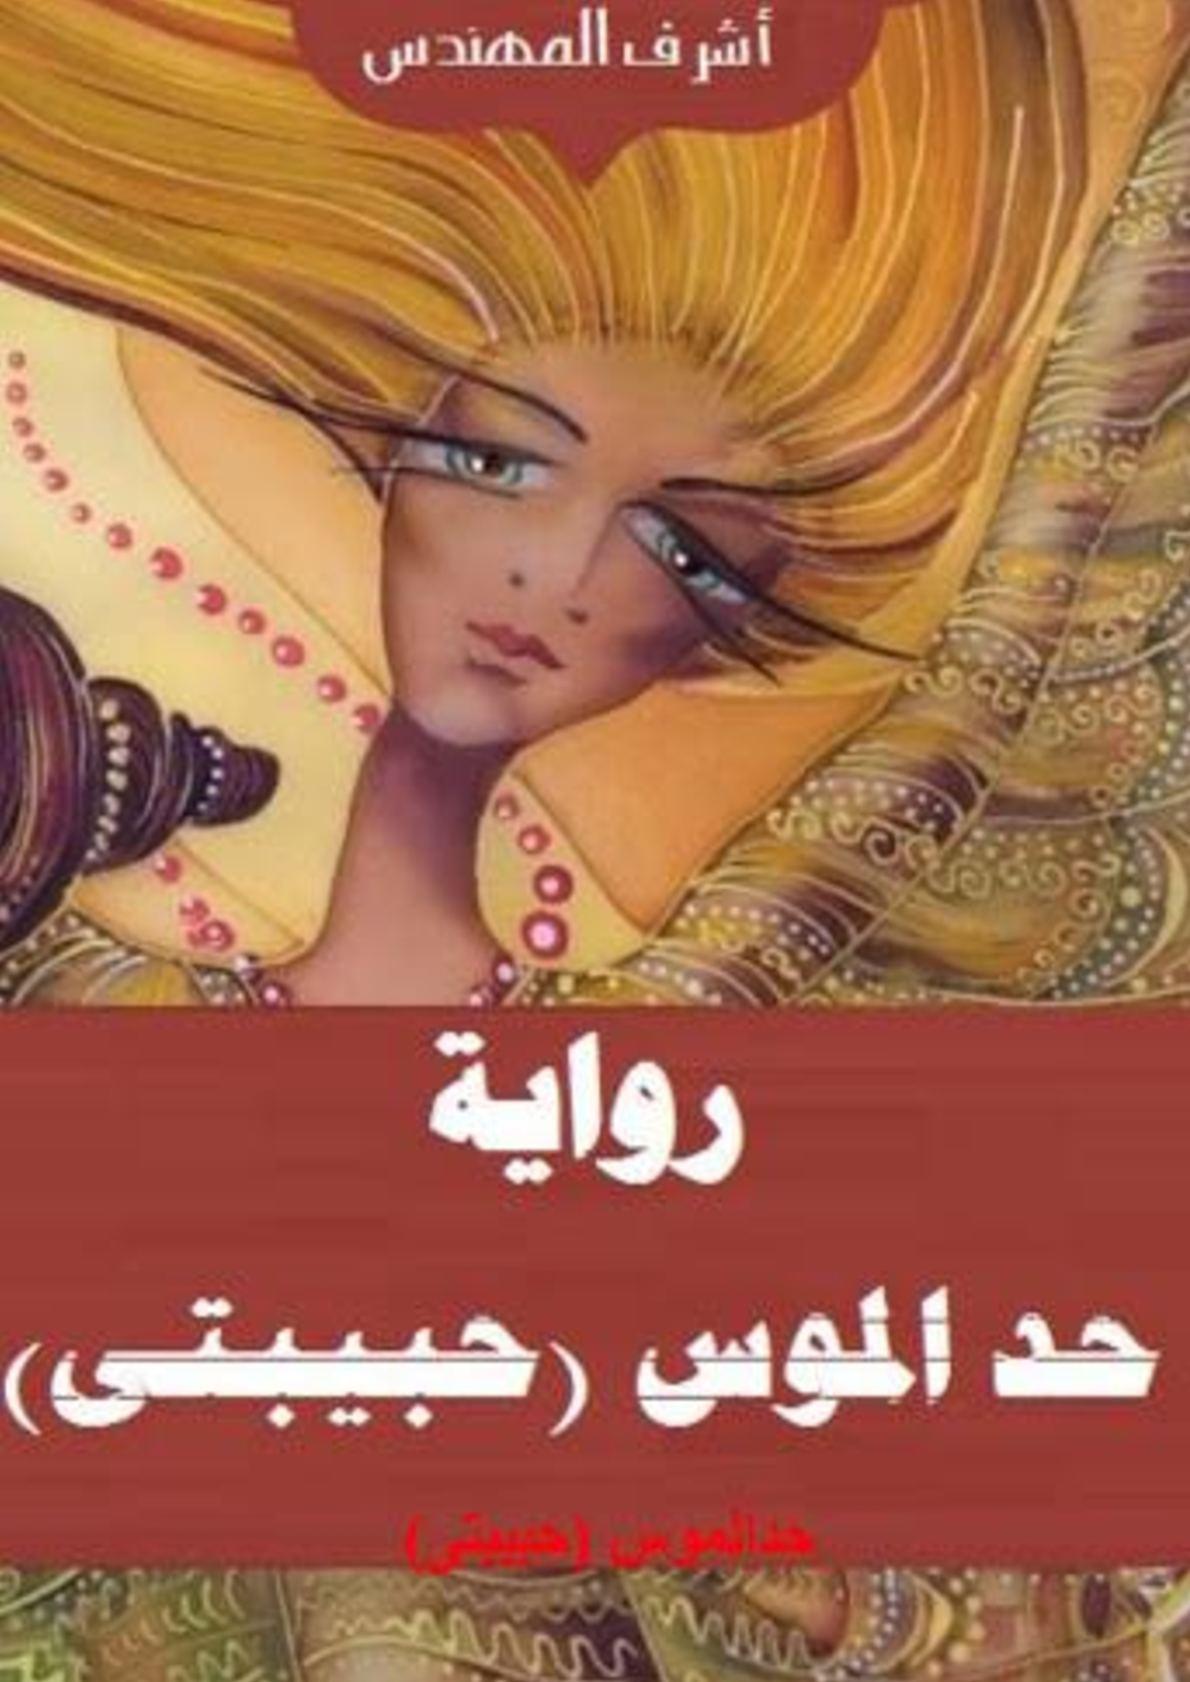 cd88baa7d Calaméo - رواية حد الموس بقلم اشرف المهندس